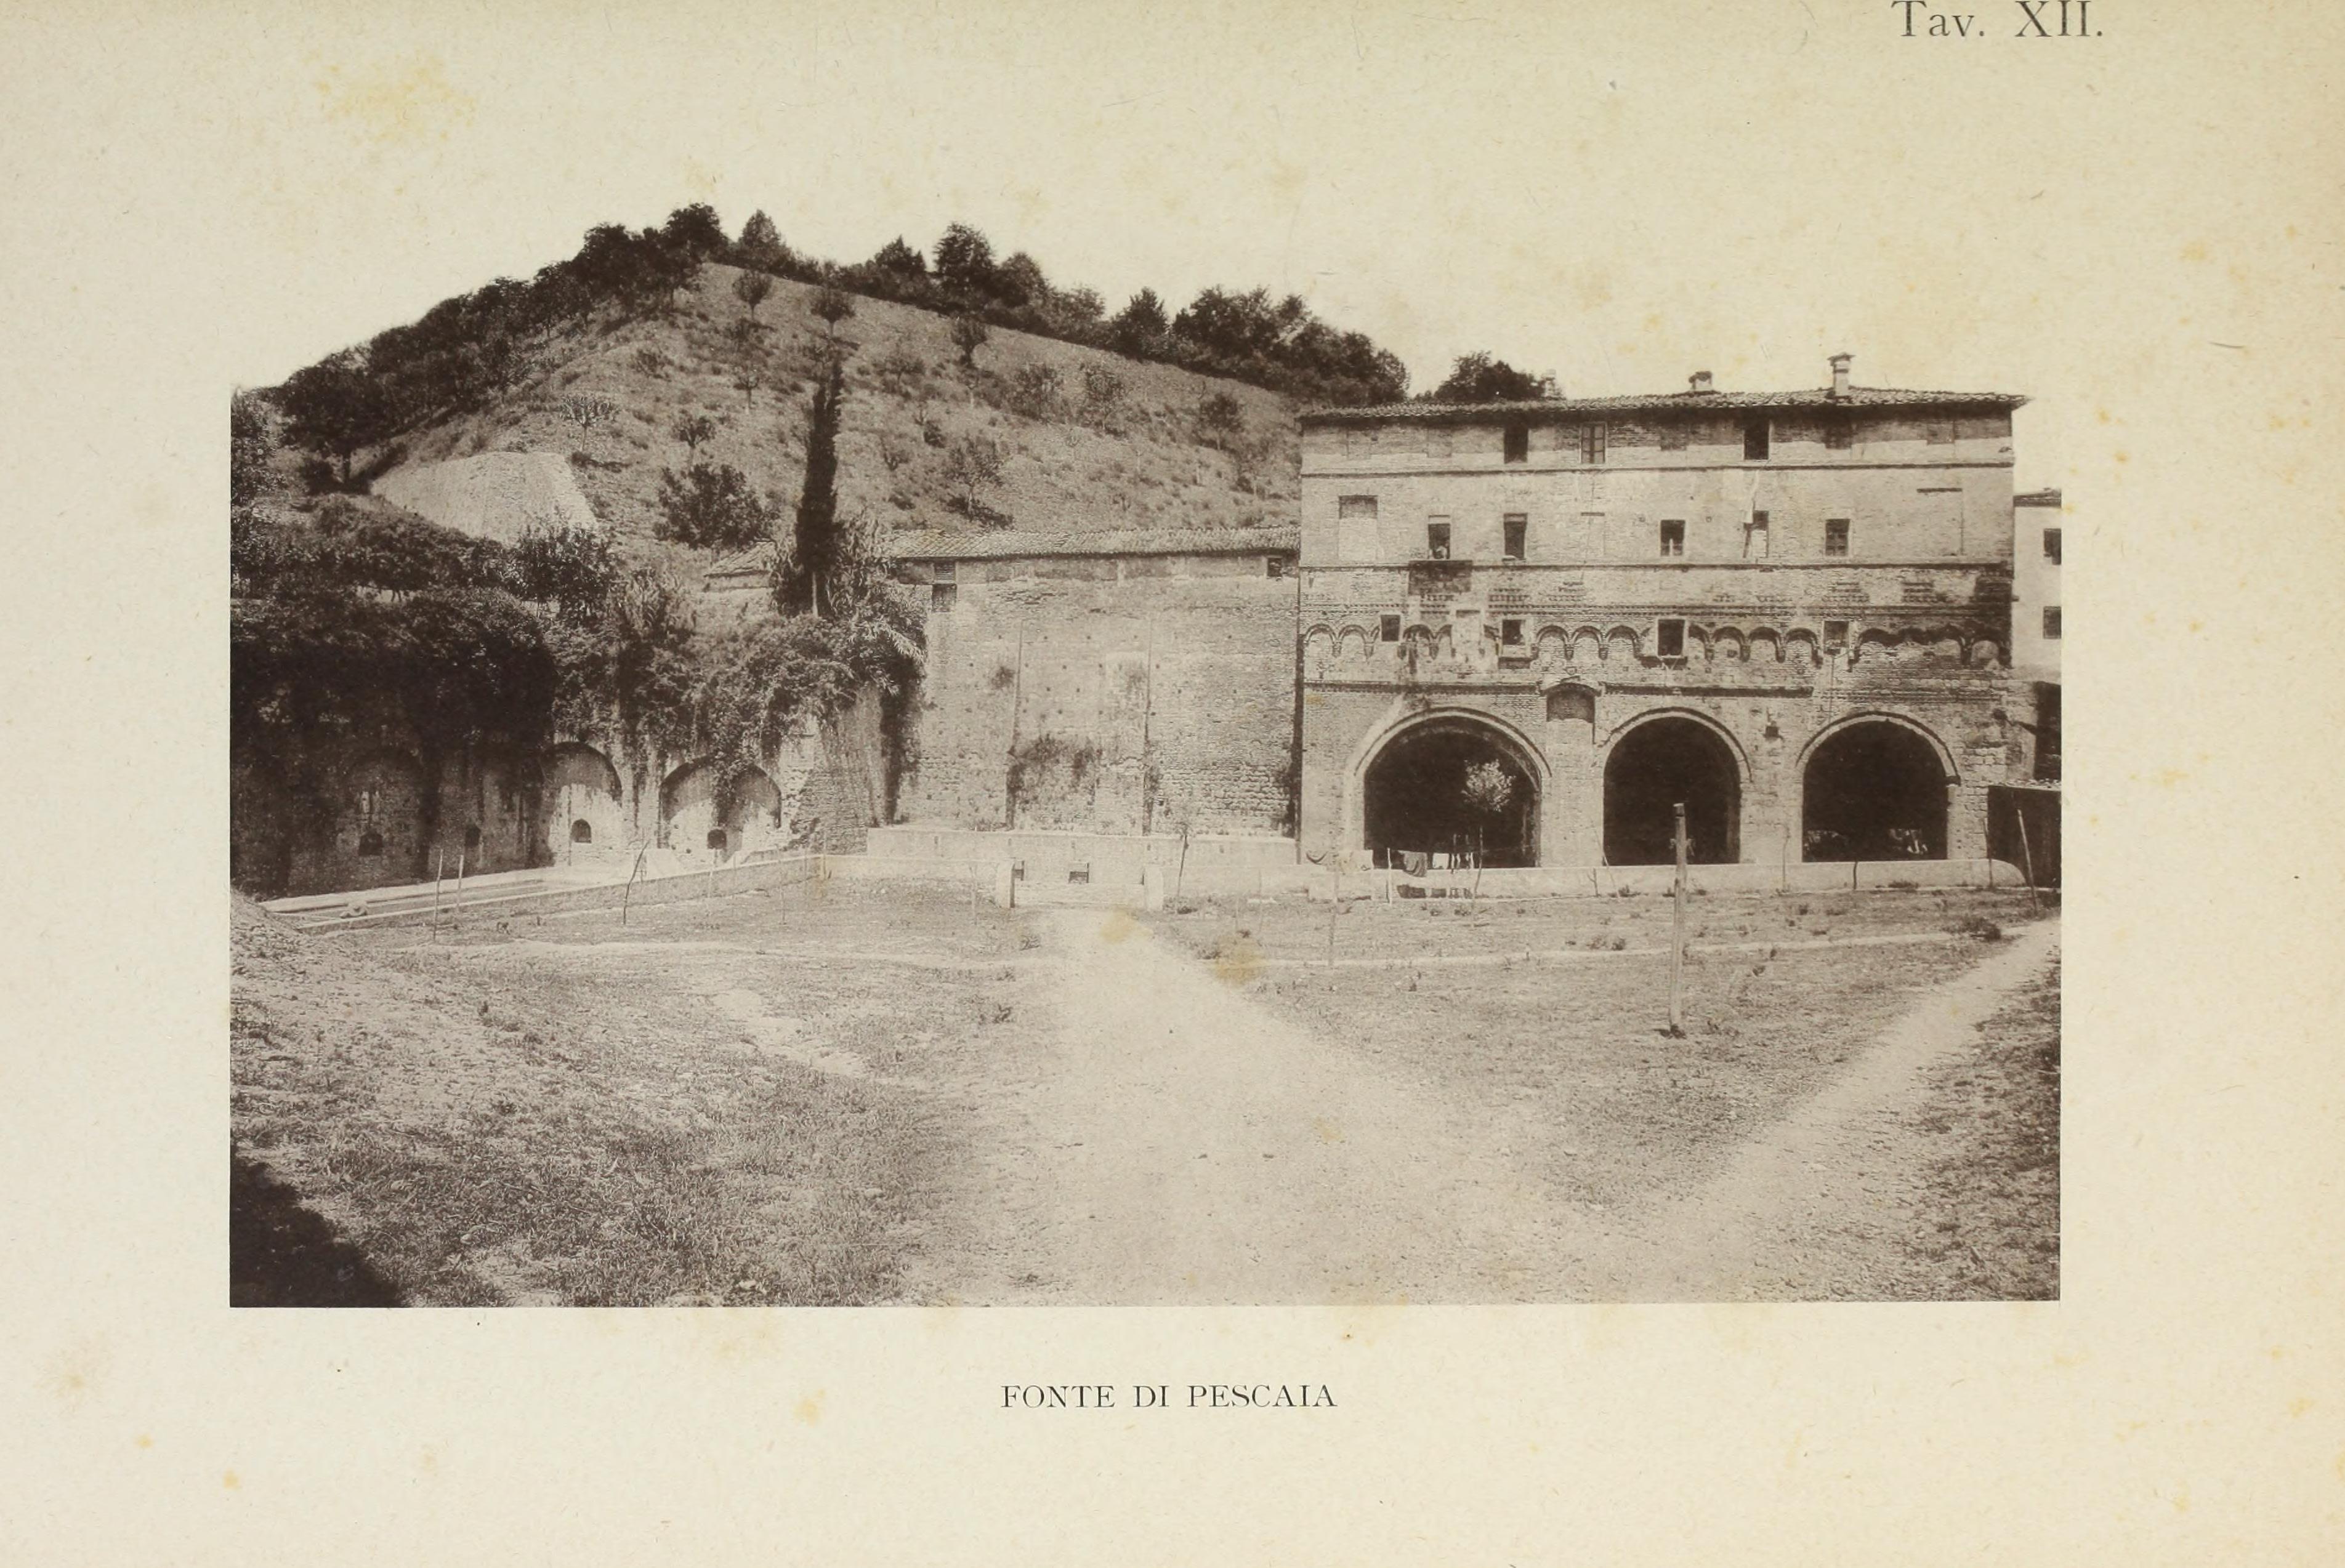 Le fonti di Siena e i loro aquedotti, note storiche dalle origini fino al MDLV (1906) (14797206453).jpg